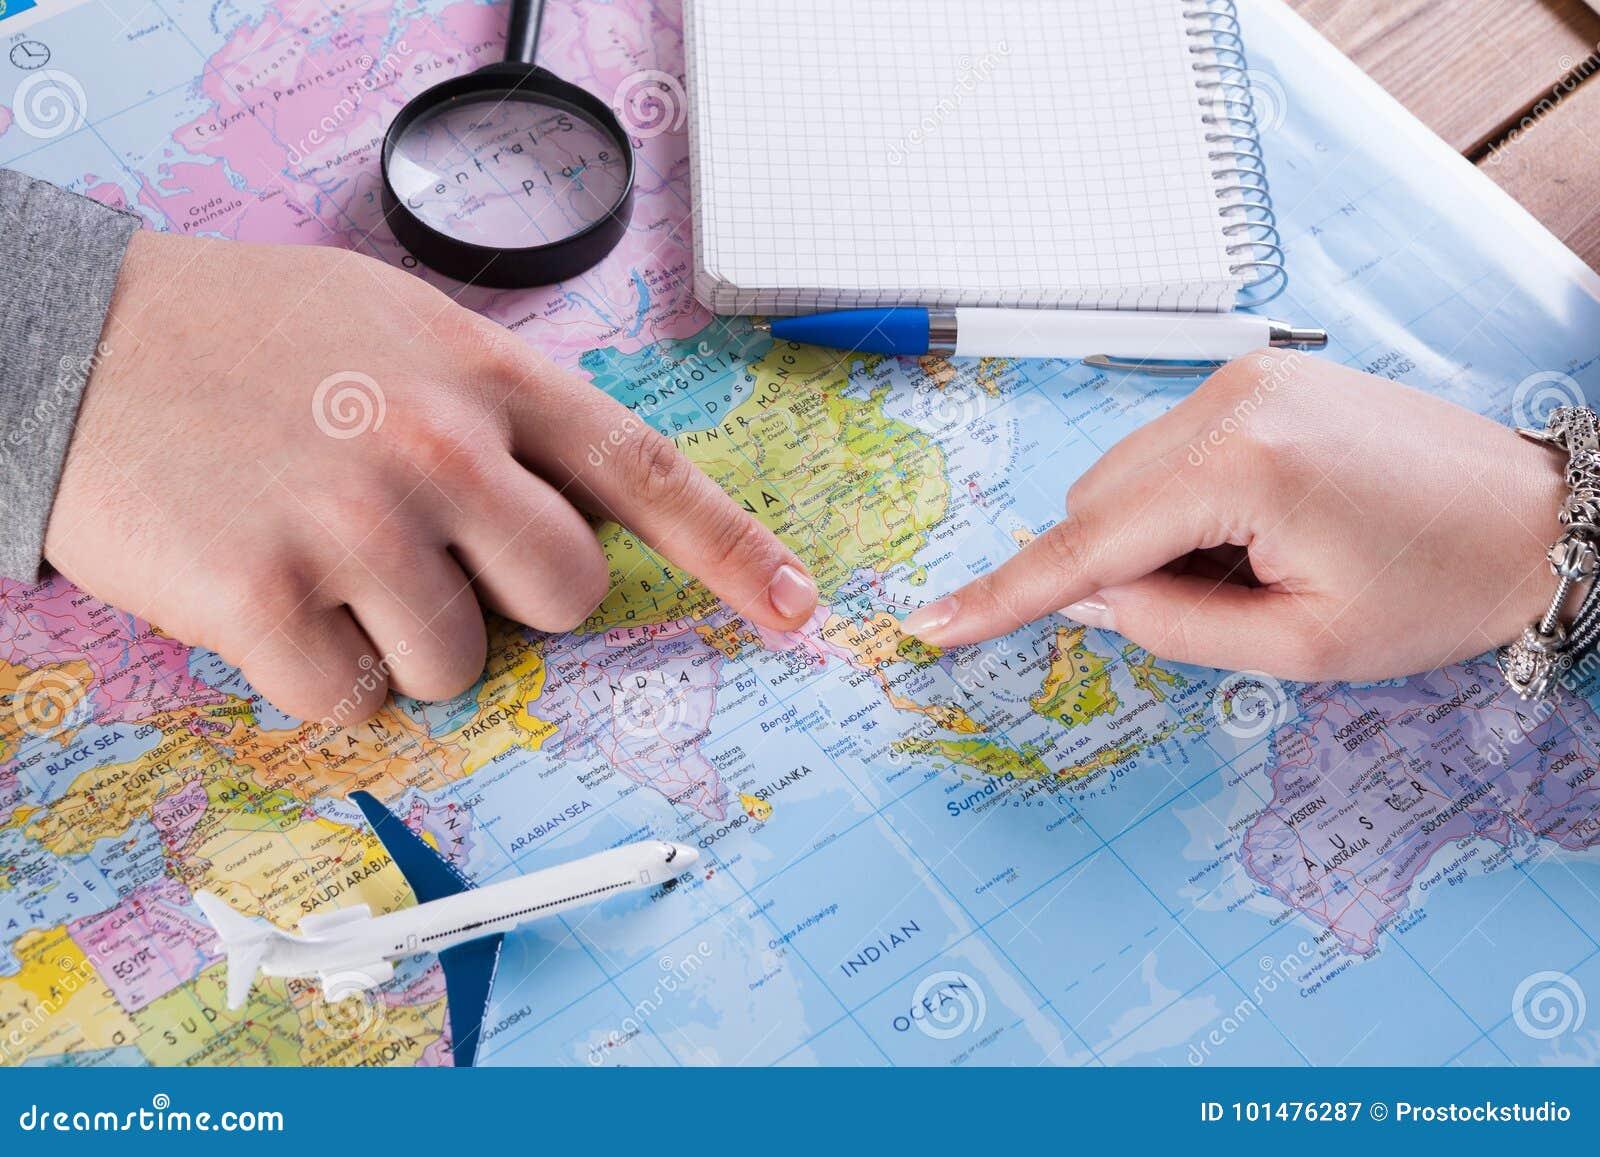 Ταξίδι προγραμματισμού ζεύγους στην Ταϊλάνδη, σημείο στο χάρτη